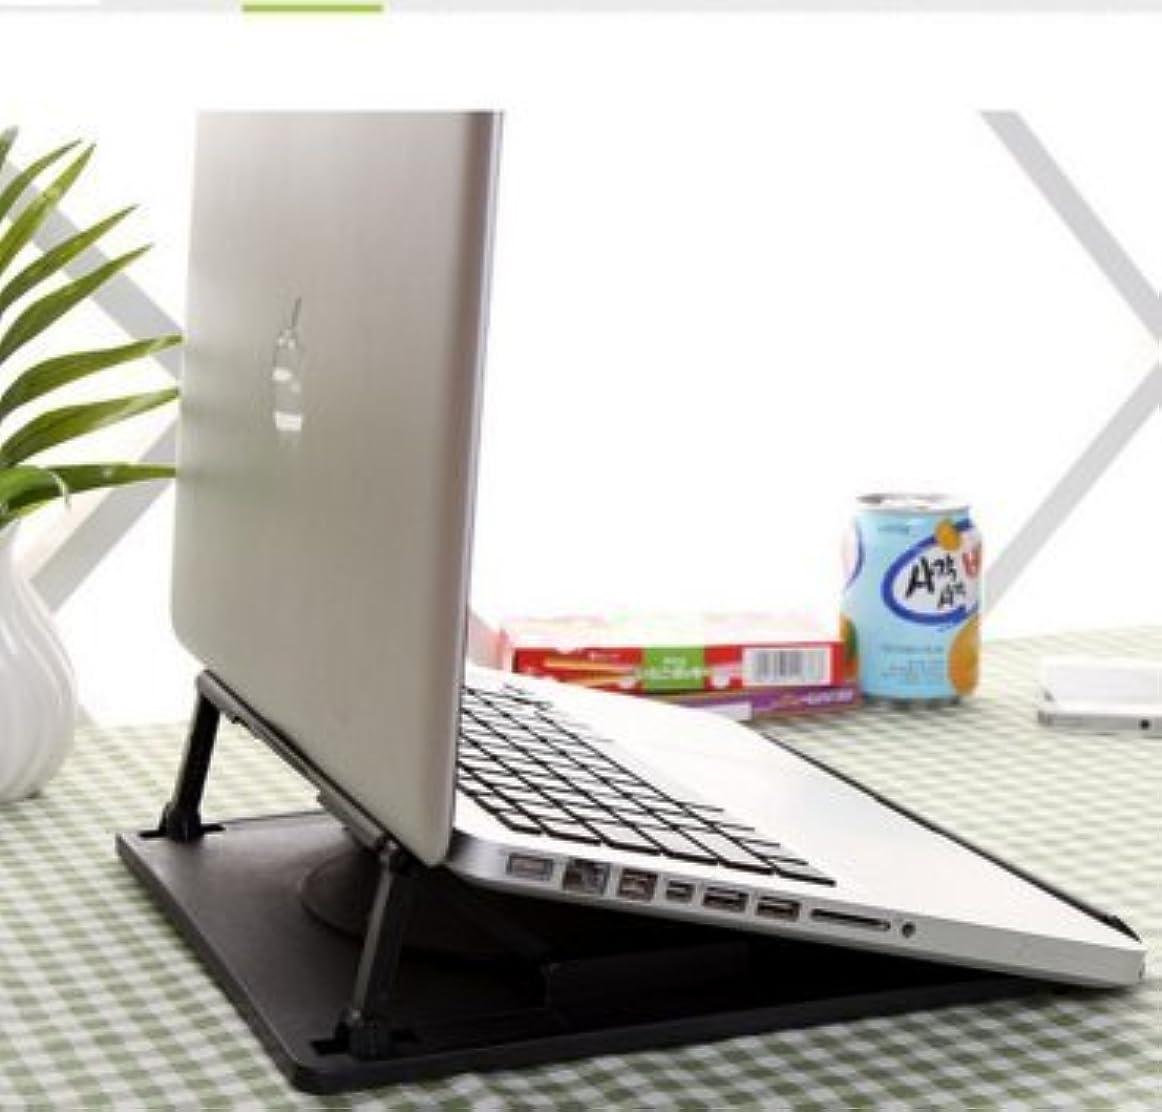 解任ルール犯す【ノーブランド】肩こり解消 ノートパソコン スタンド 角度調整 7段階 + 回転 (13インチ以上PCに) ブラック (280(D)×260(W)×70(H)mm)